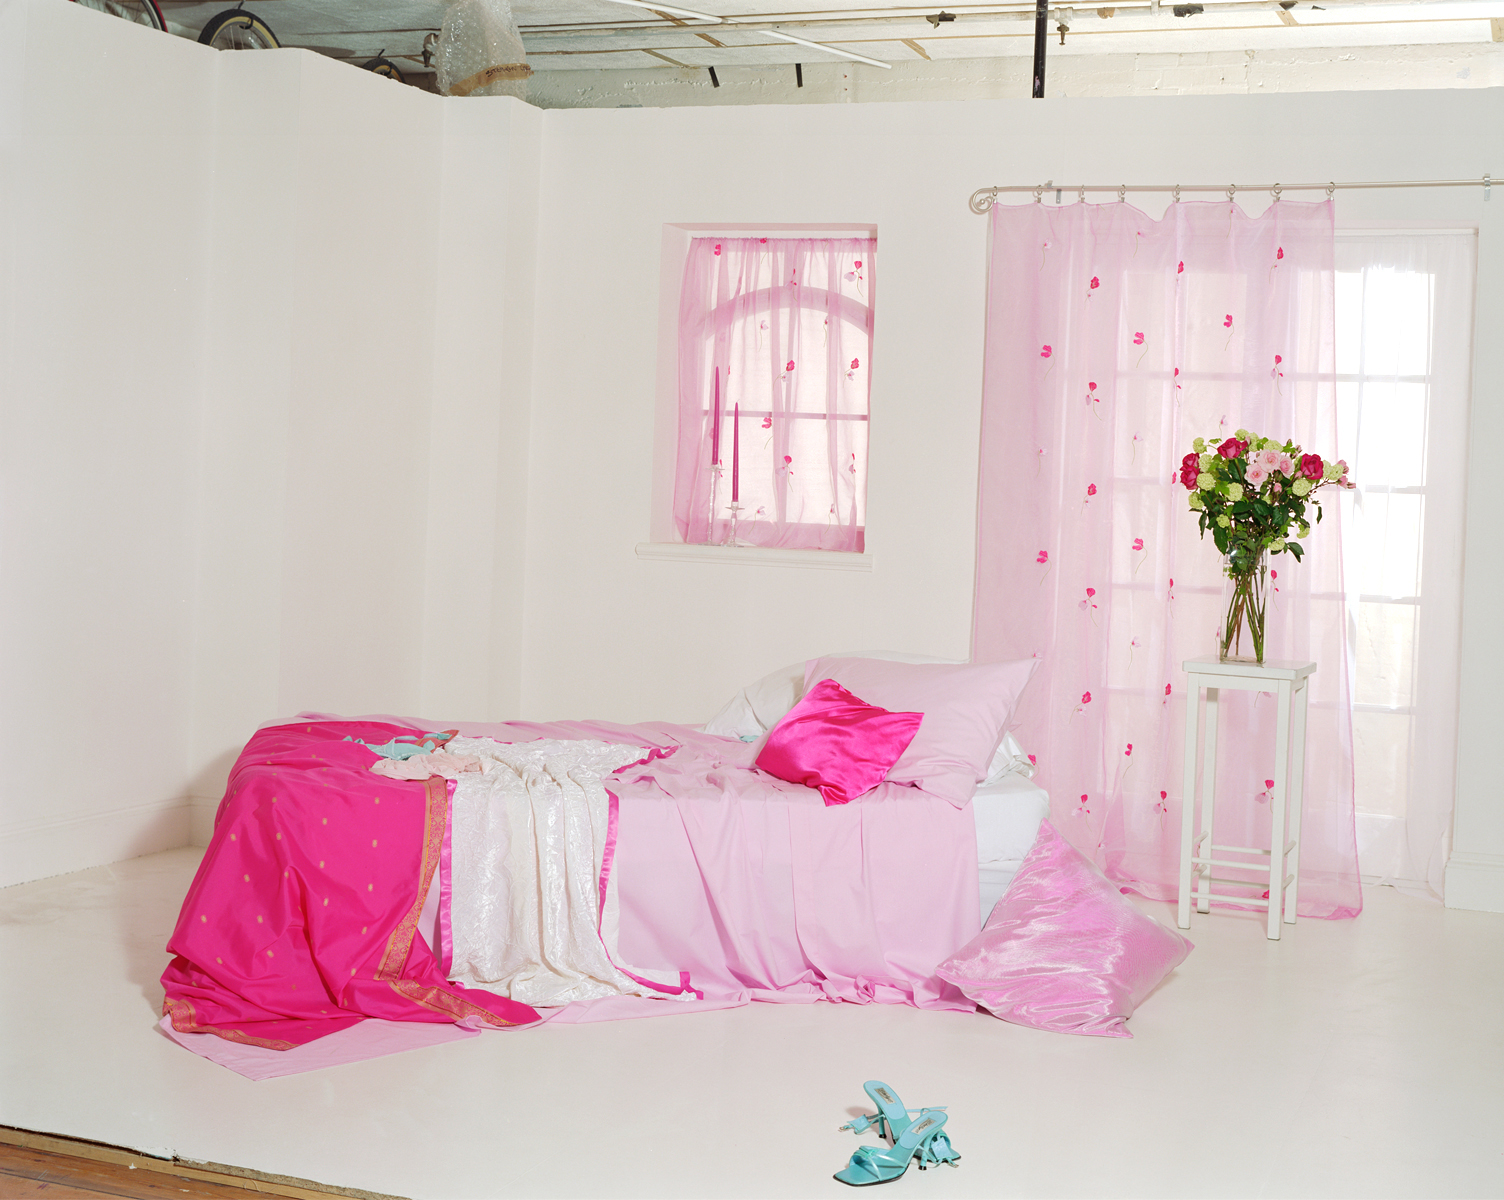 Сцена с расправленной кроватью.